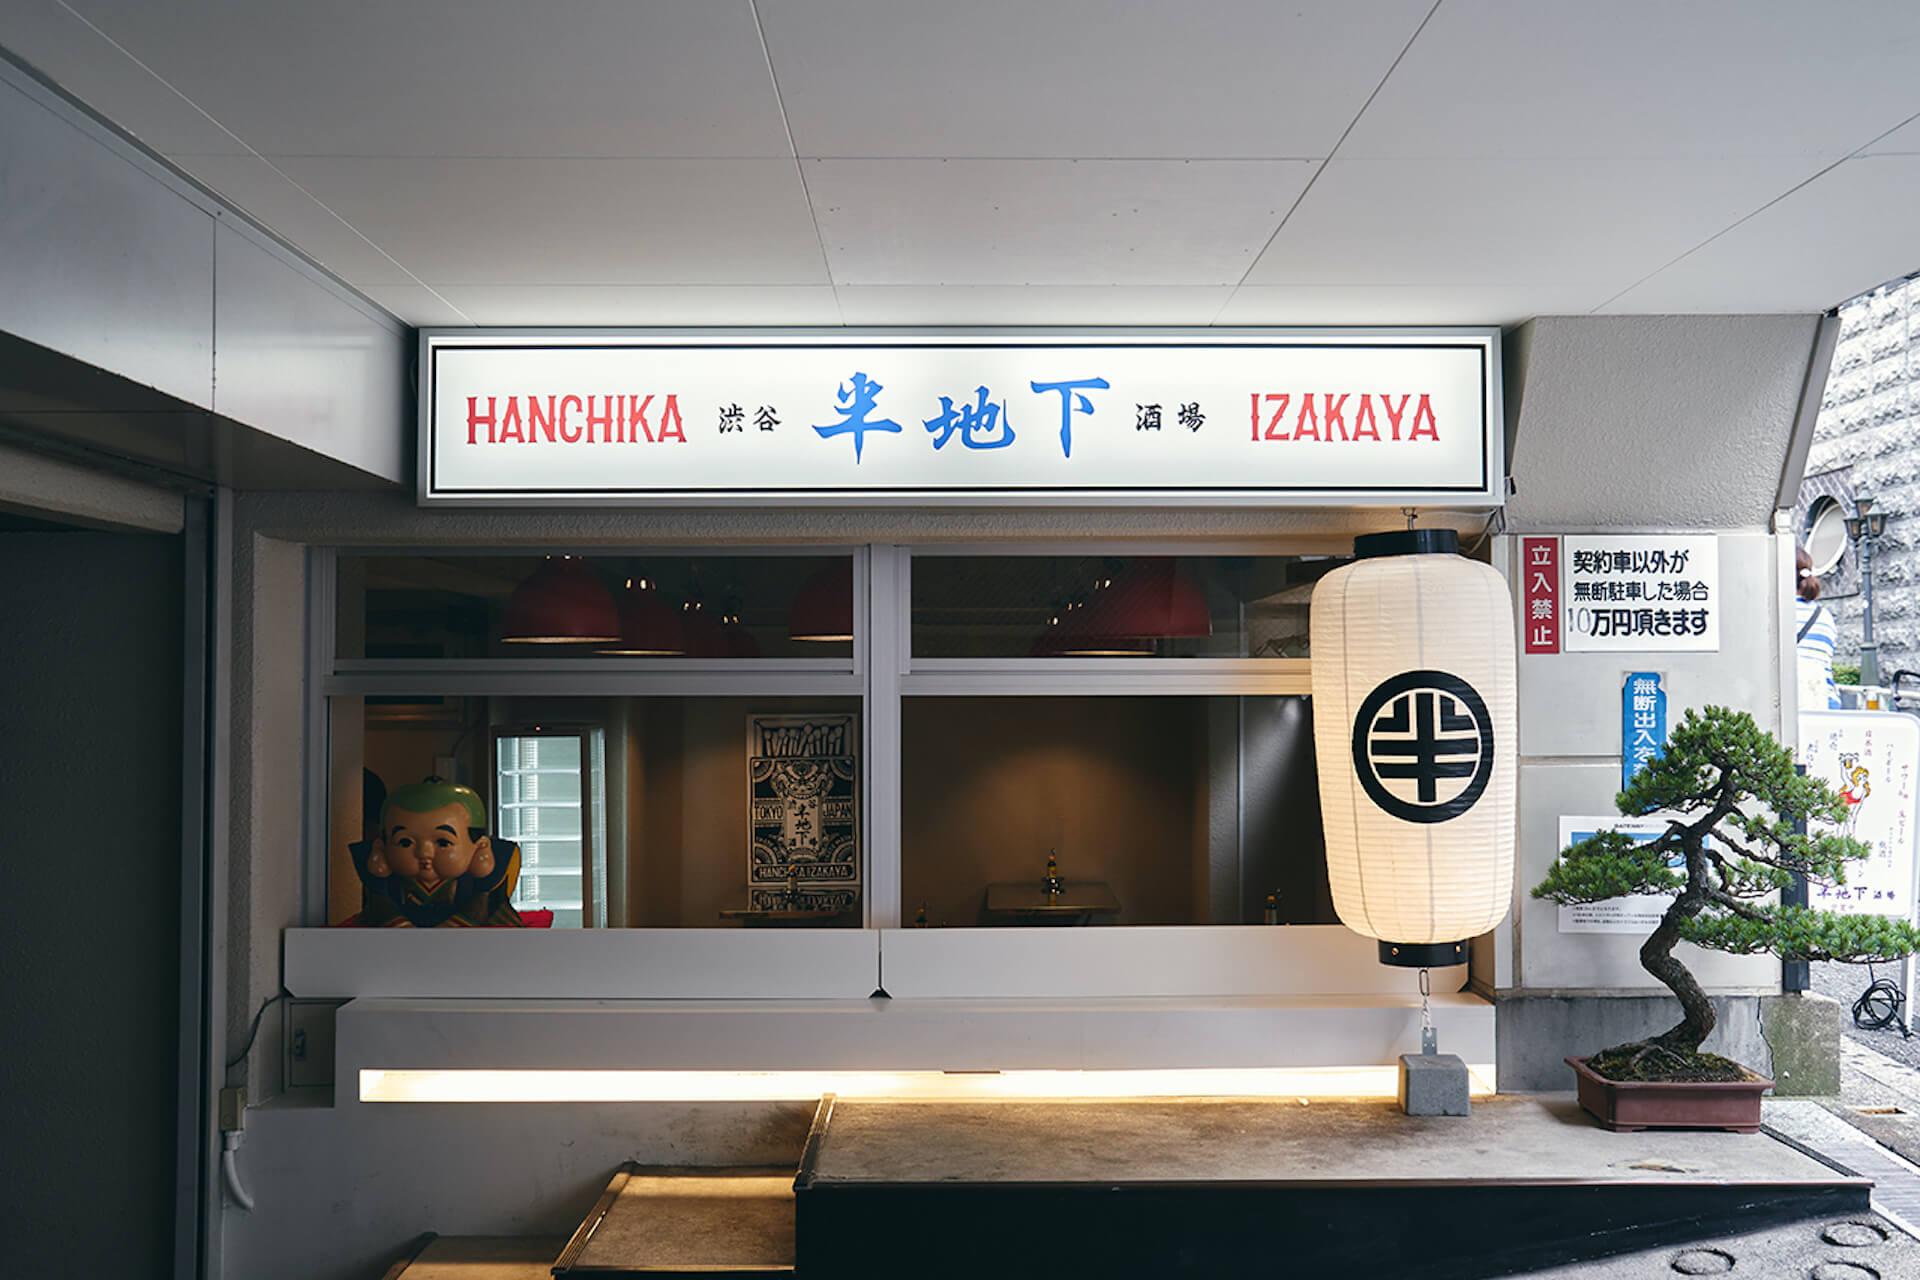 渋谷の食とカルチャーを体現できる渋谷 半地下酒場がグランドオープン! culture210621_hanchika12